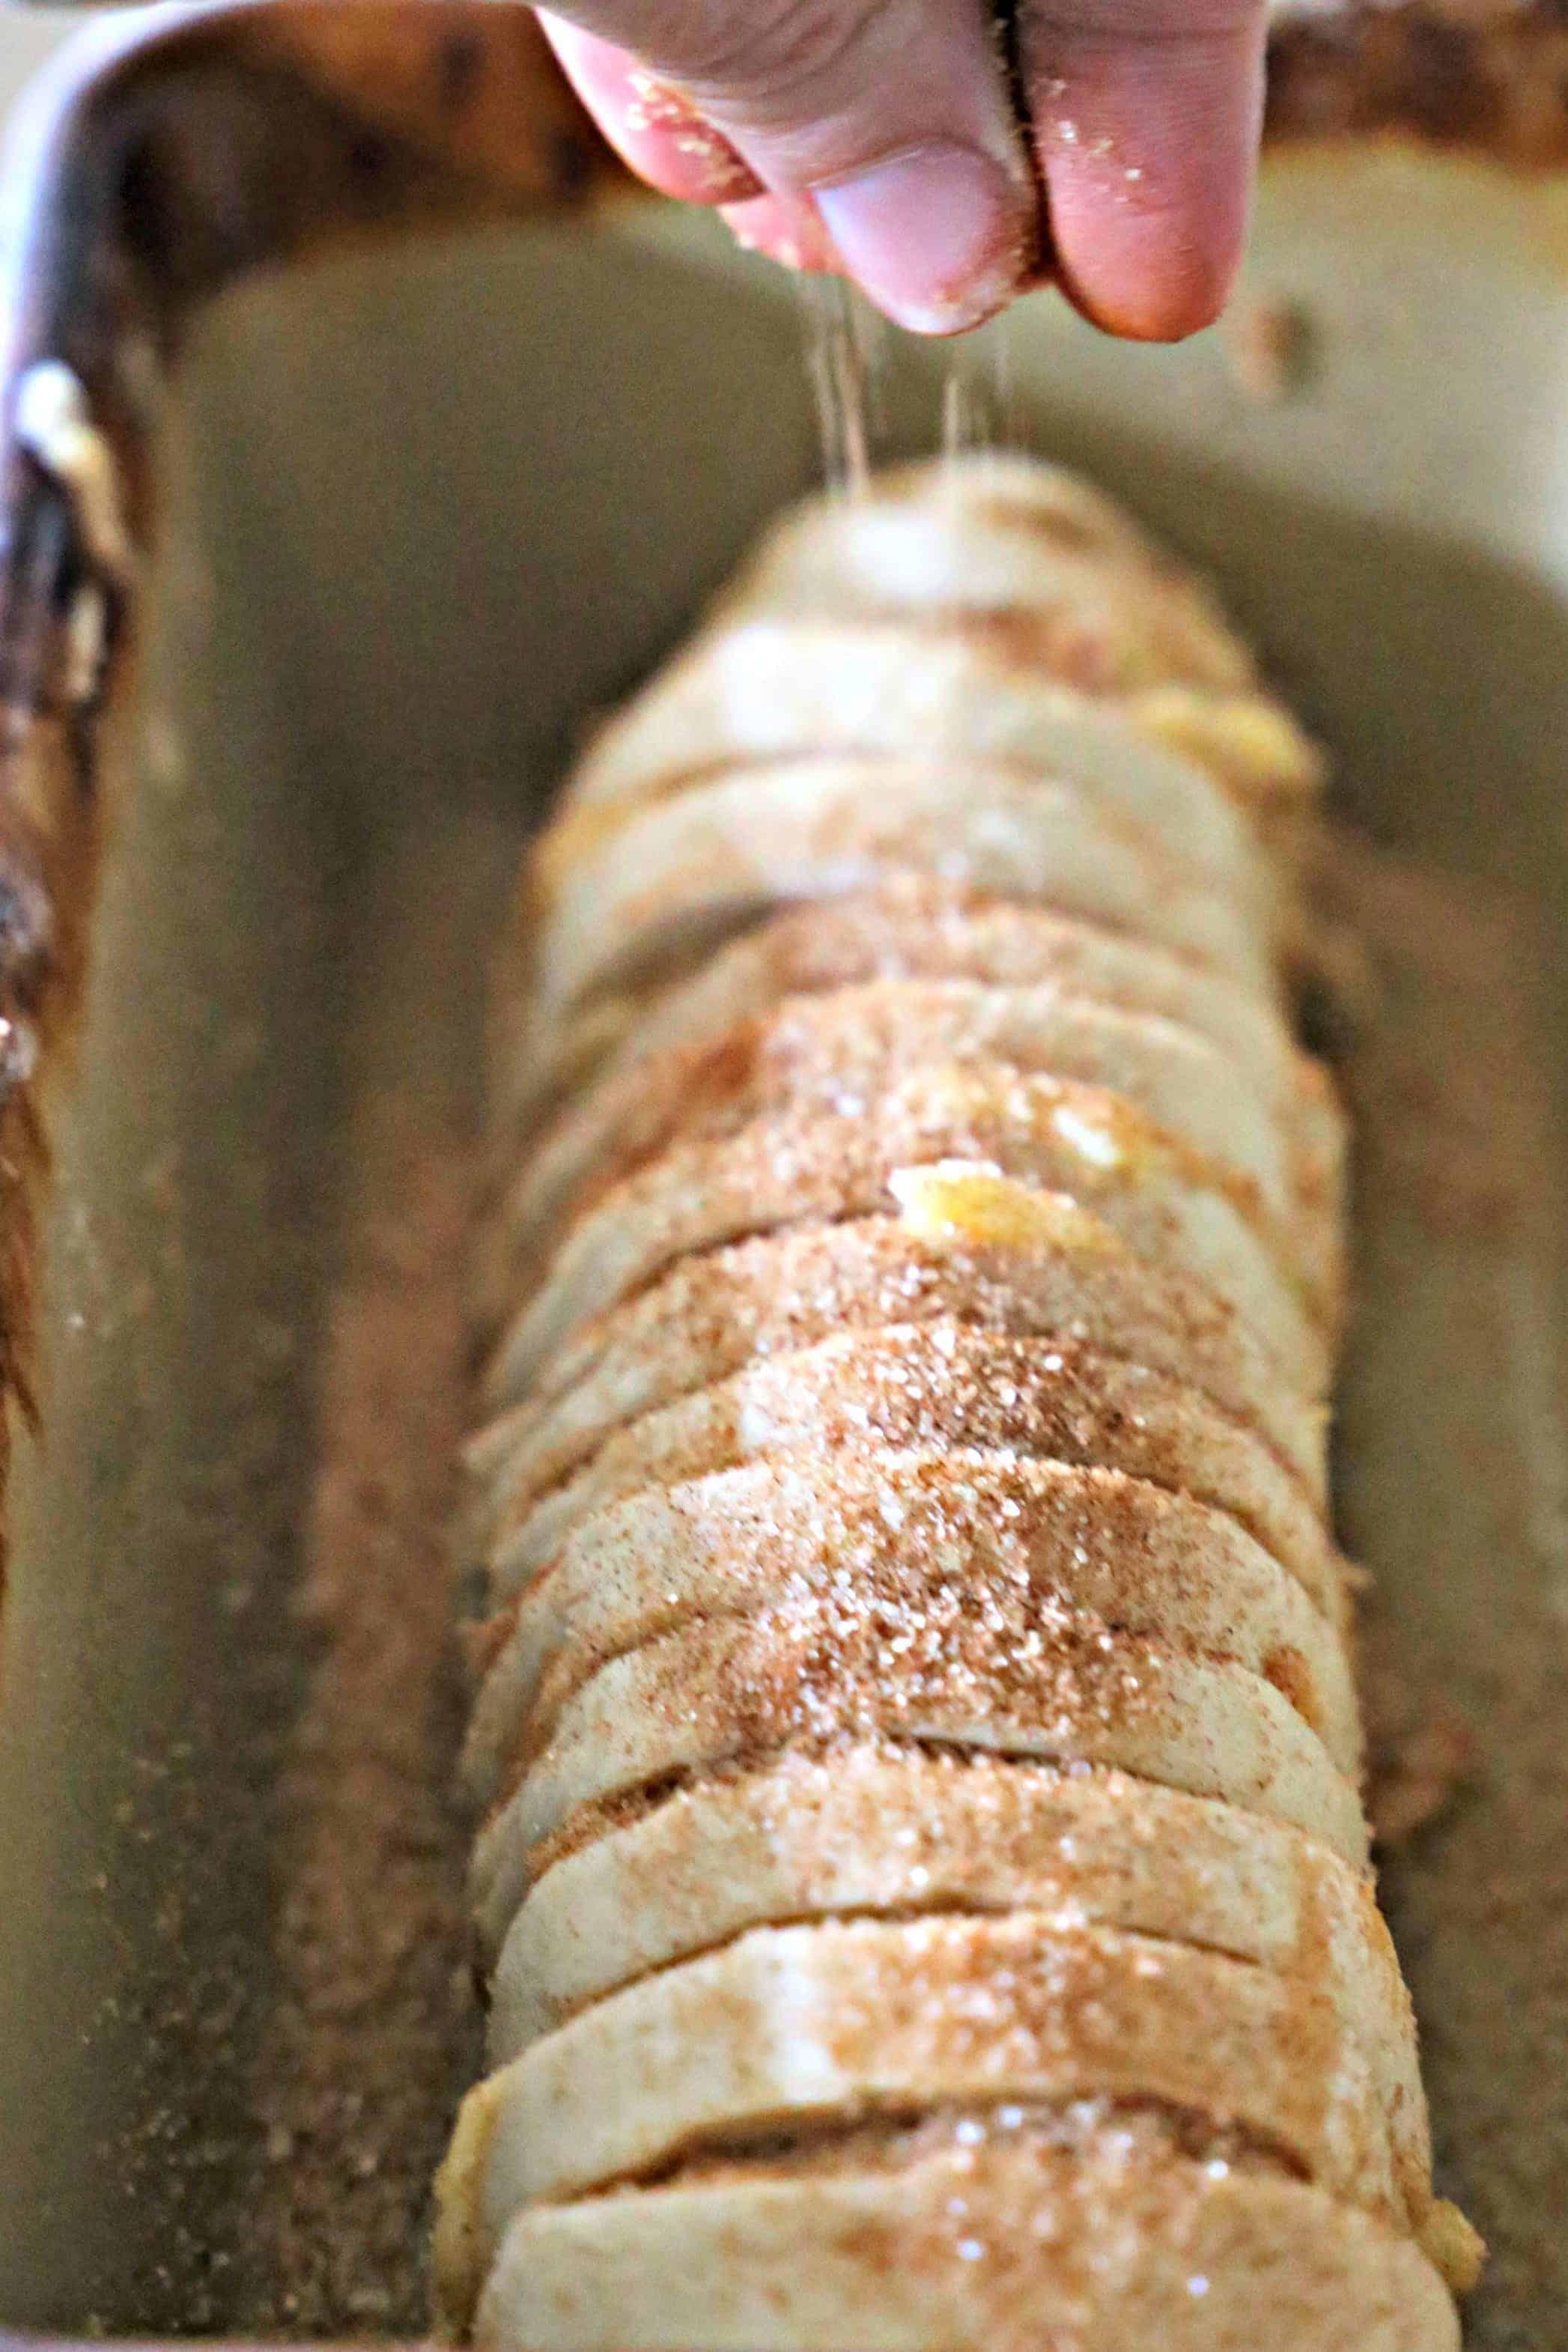 sprinkling sugar over loaf of bread